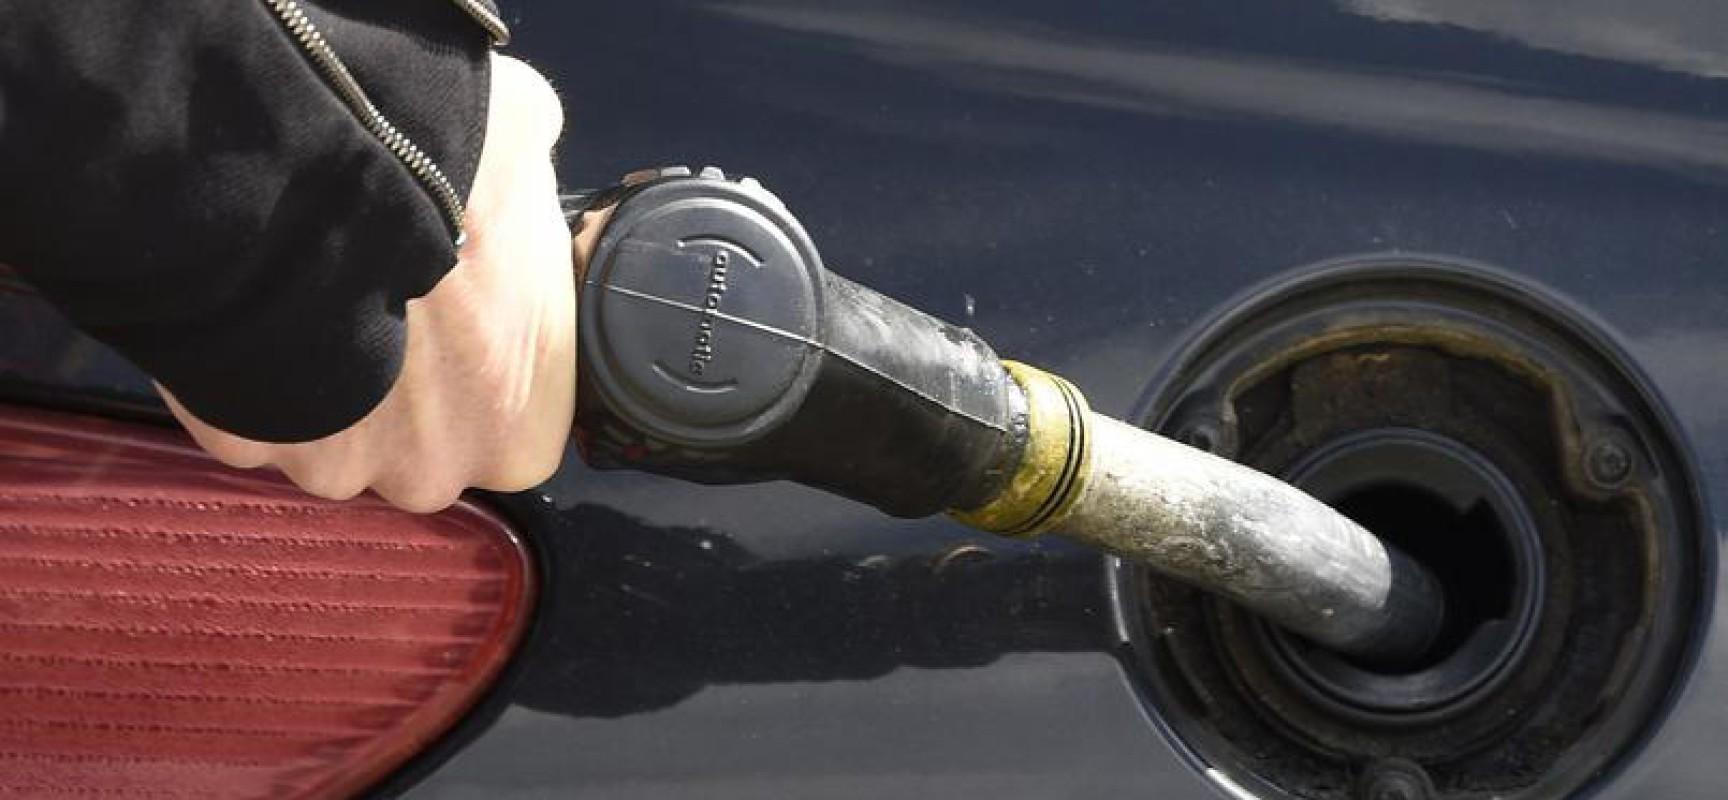 Pénurie d'essence en France : Quelle pénurie ?